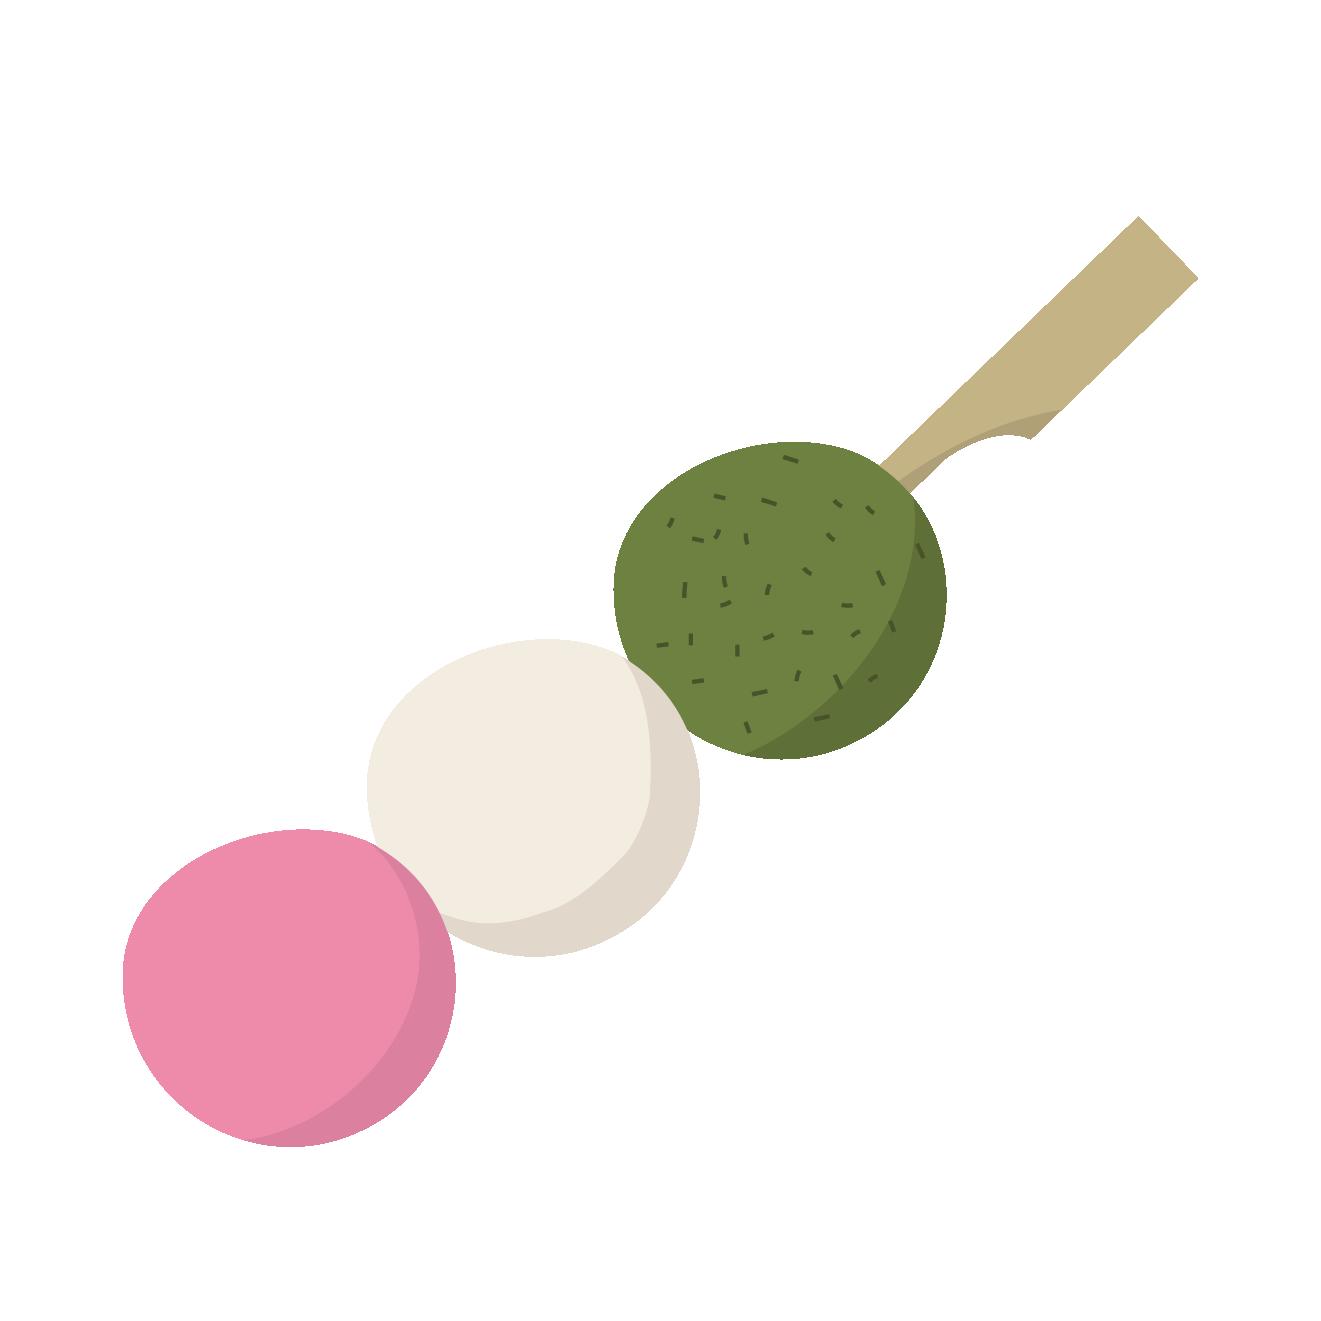 お花見に三色団子のイラスト和菓子 商用フリー無料のイラスト